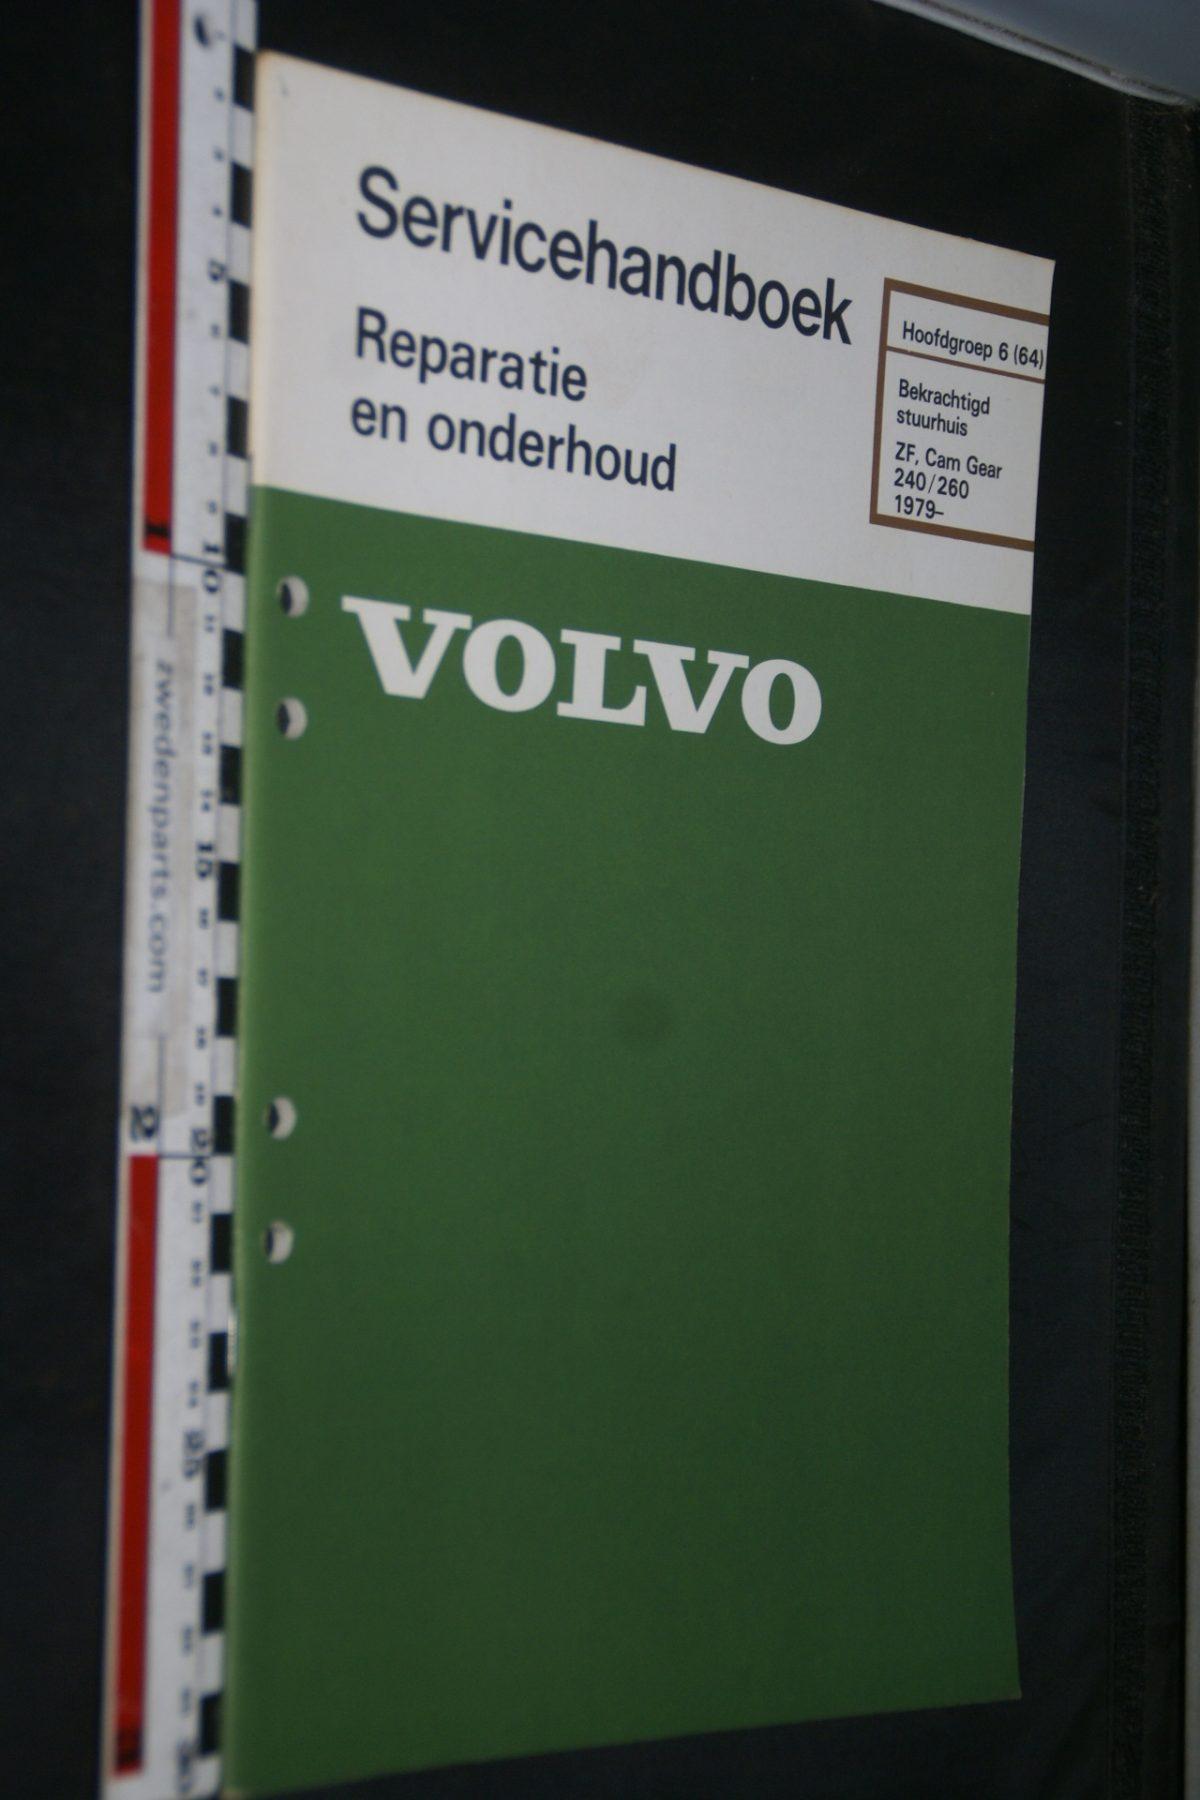 DSC06721 1980 origineel Volvo 240, 260 servicehandboek 6 (64) ZF stuurhuis 1 van 800 TP 30267-1